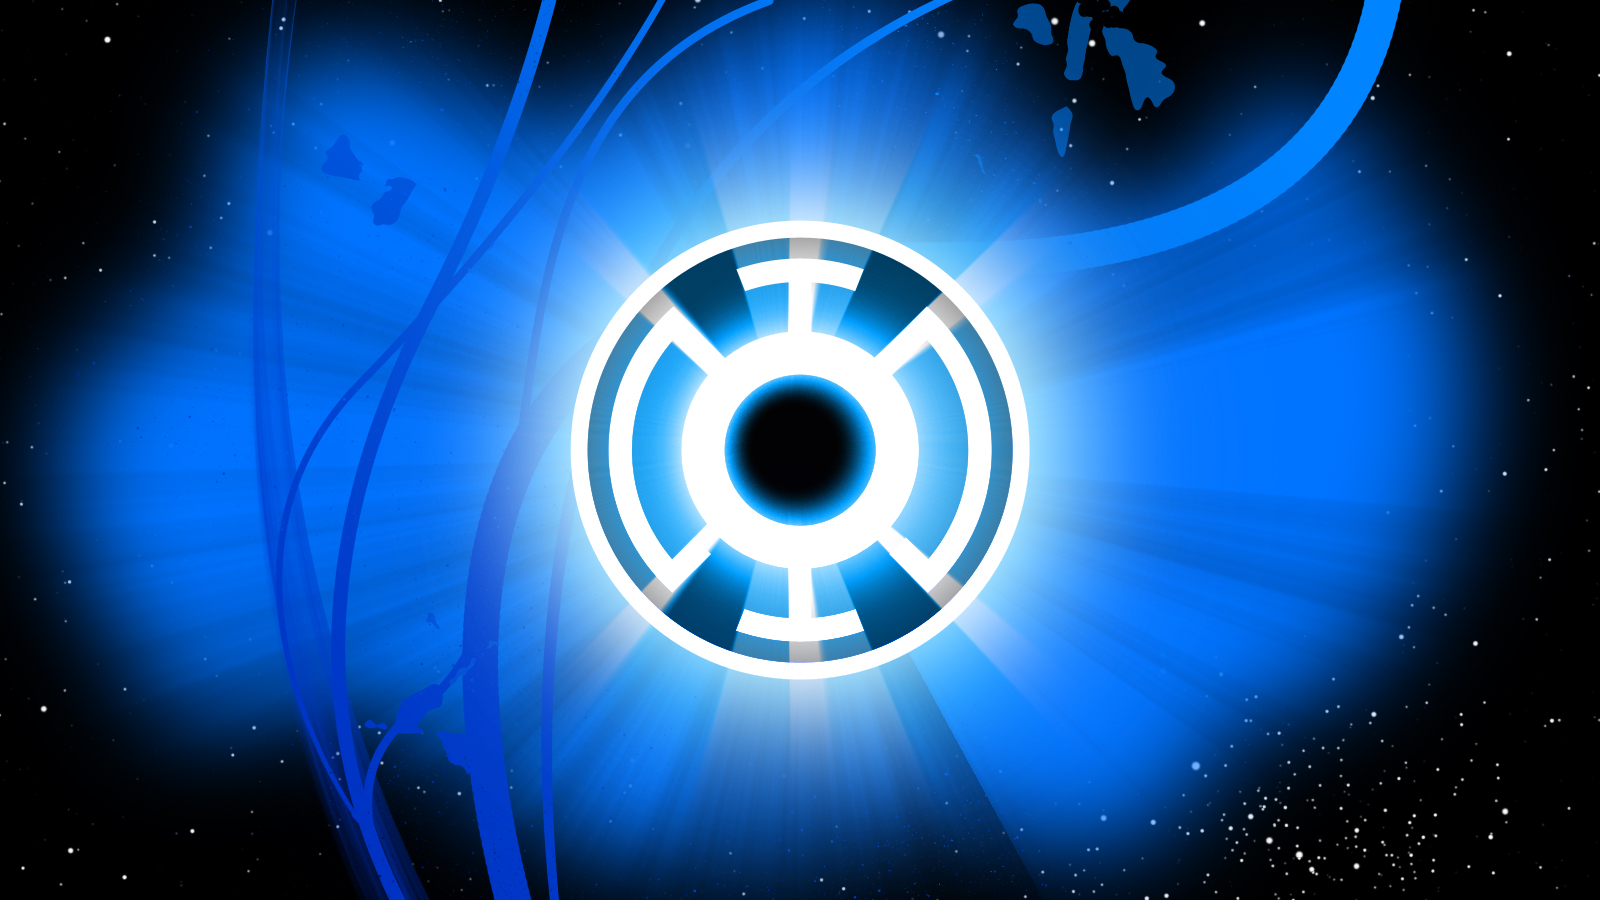 Image   Blue Lantern Corps Wallpaper by Asabru88jpg   Green Lantern 1600x900